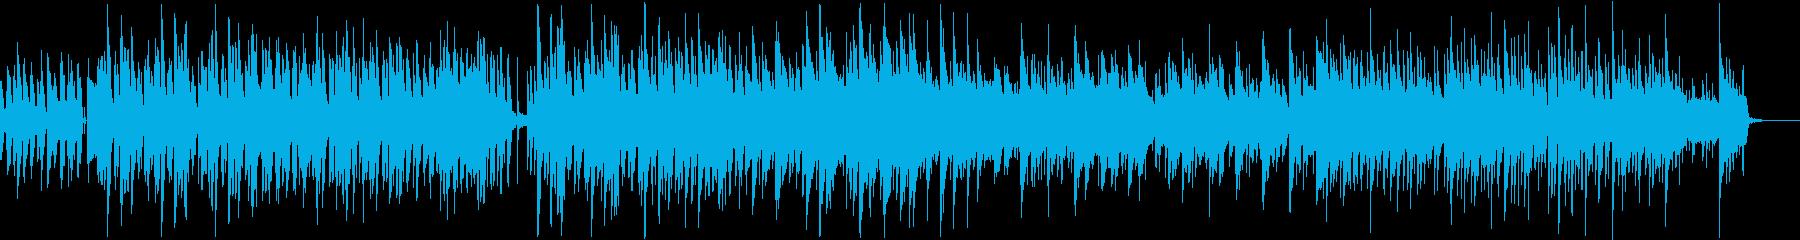 ほのぼのとしたボサノバ調のpopsの再生済みの波形